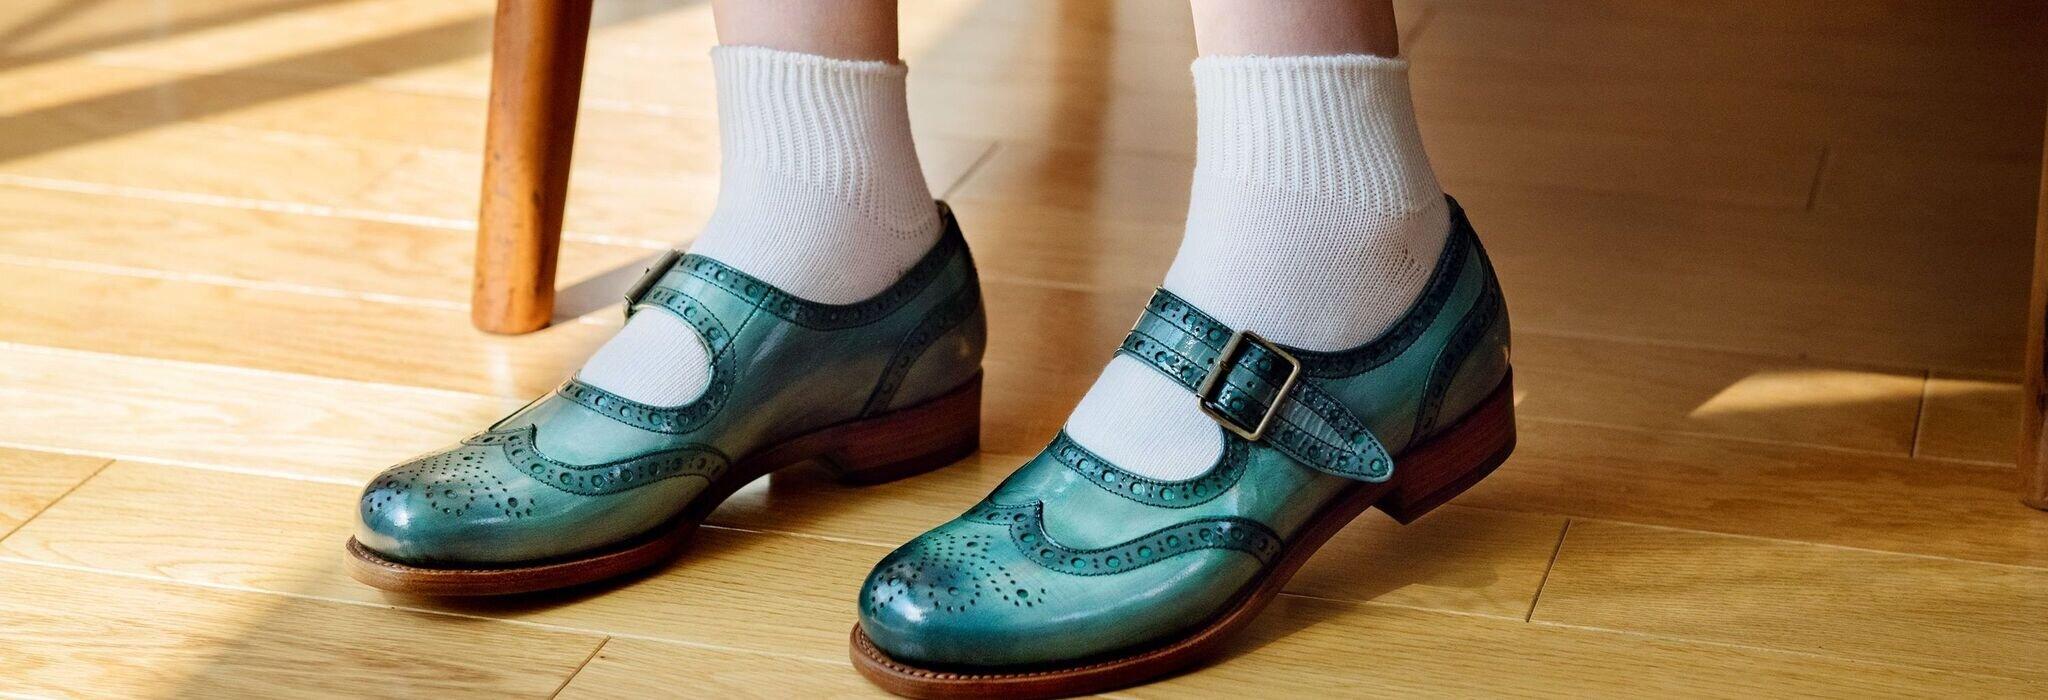 女性のライフスタイルを広げて深める「革靴」のススメ 第5回 いま履いている靴はどんな靴底?各製法の違いを知って、革靴選びのさらに深みへ_image